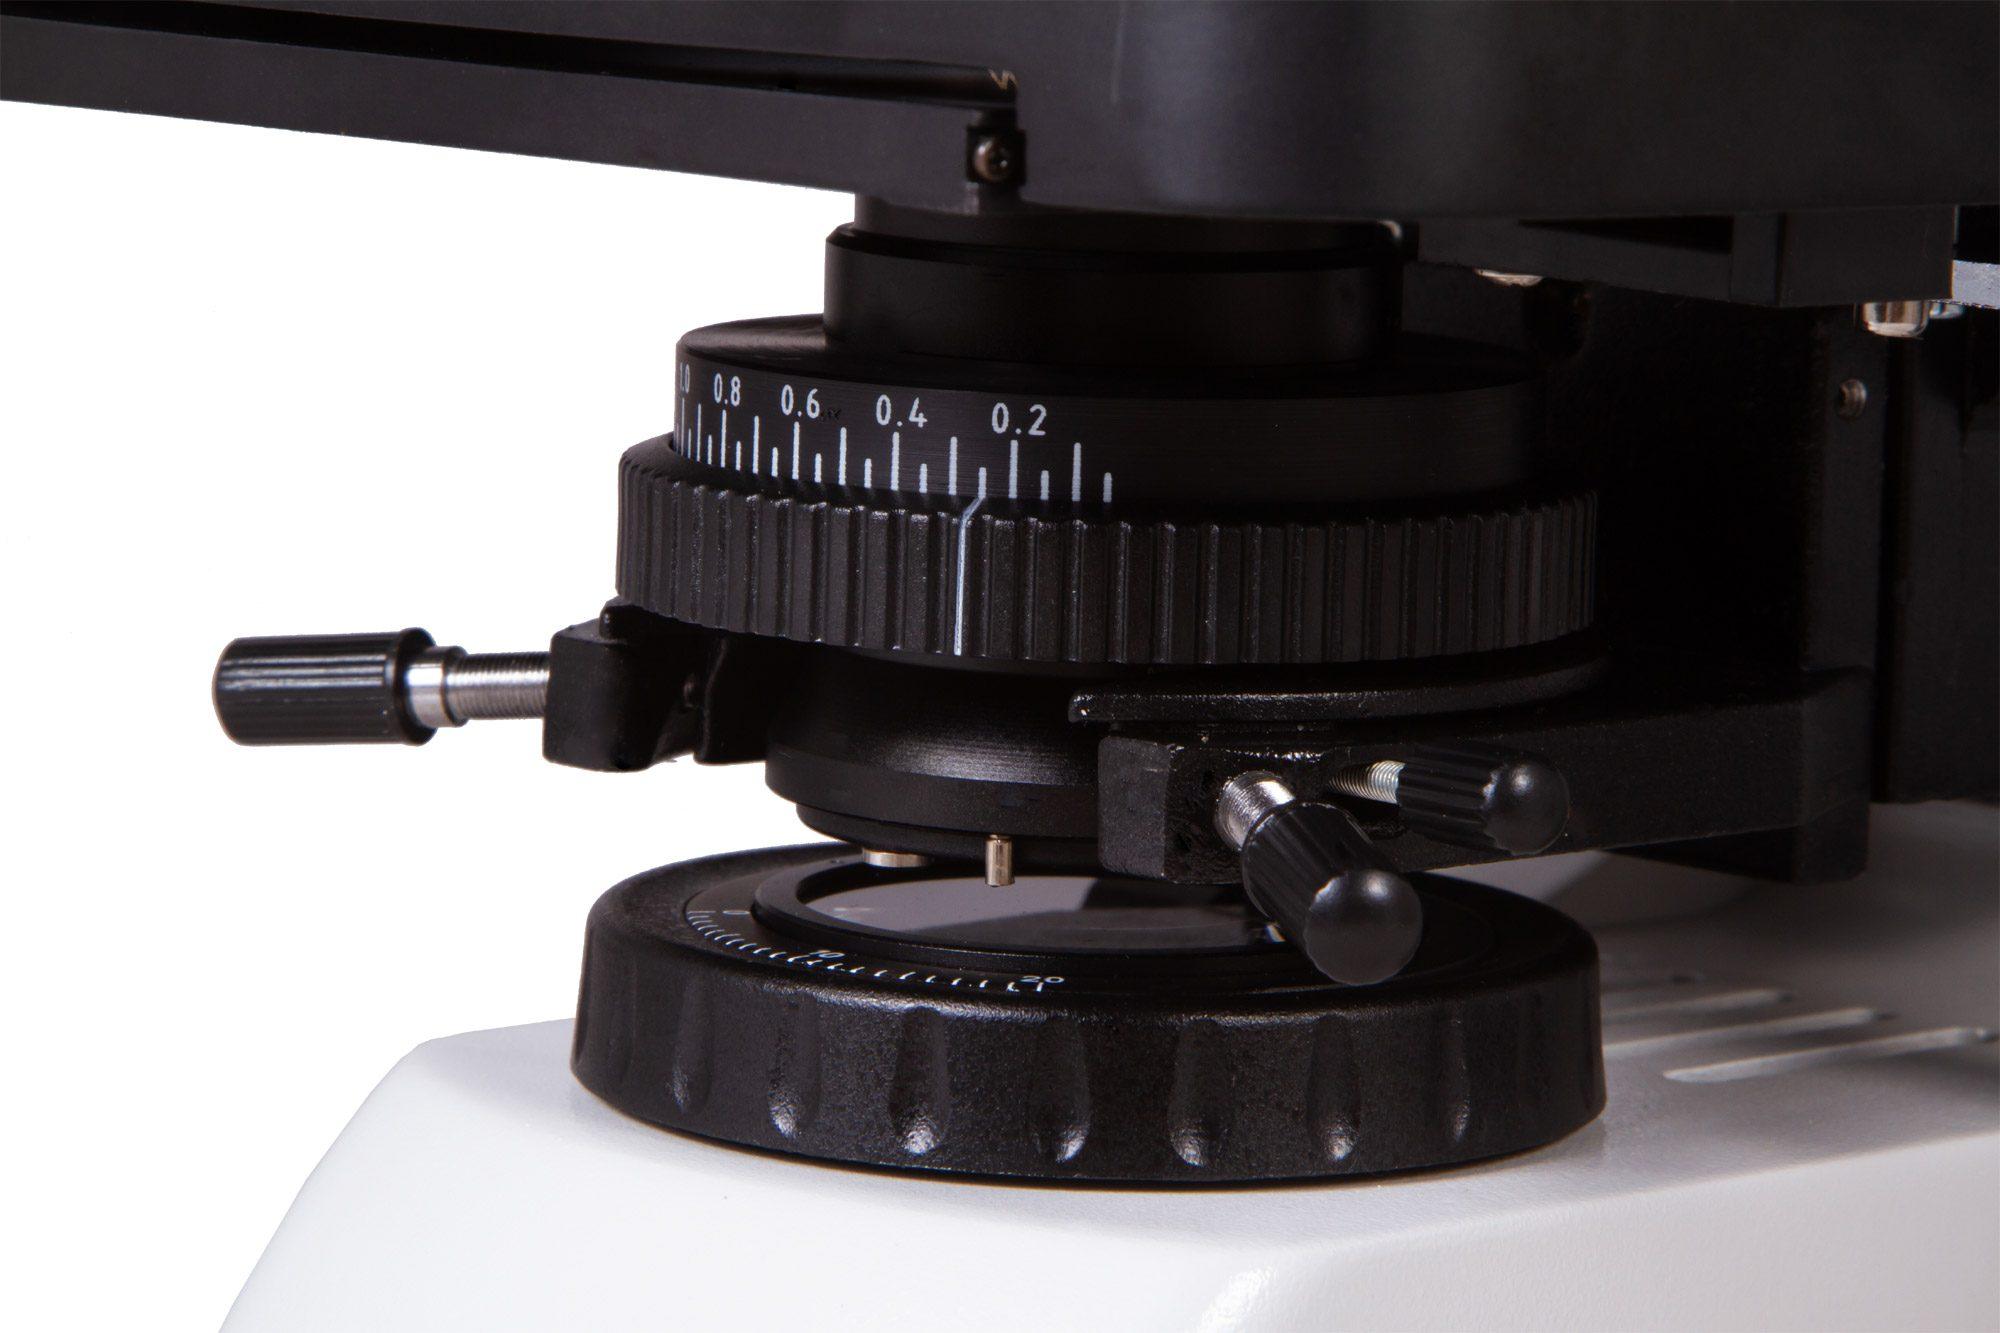 Бинокулярный лабораторный биологический микроскоп Levenhuk (Левенгук) MED 30B